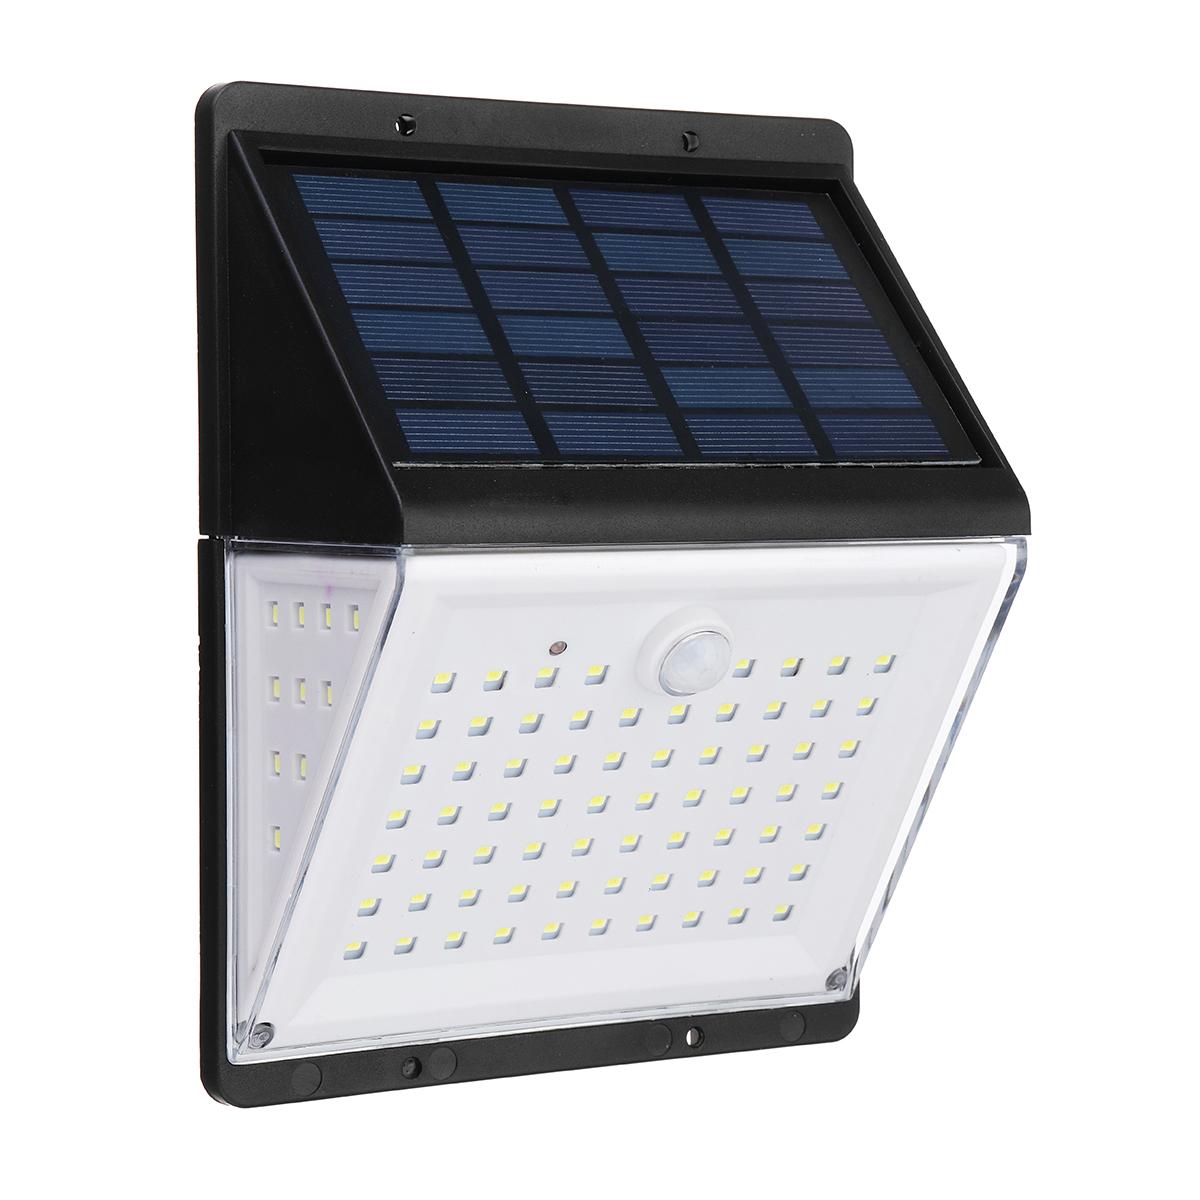 Шт 88 LED Солнечная Power Light PIR Motion Датчик Сад Безопасность На открытом воздухе Двор Лампа